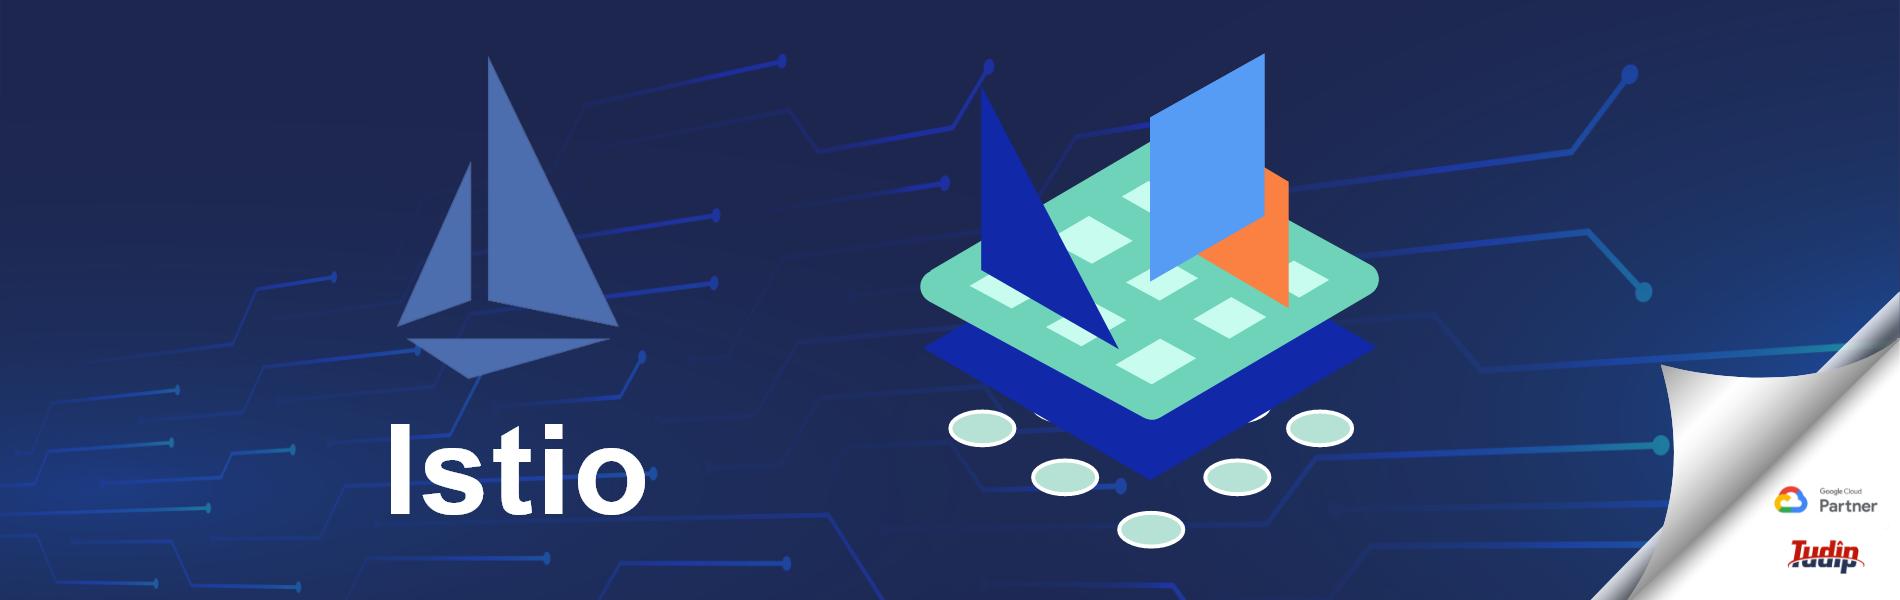 Istio – An_Open_Platform_Service_Mesh